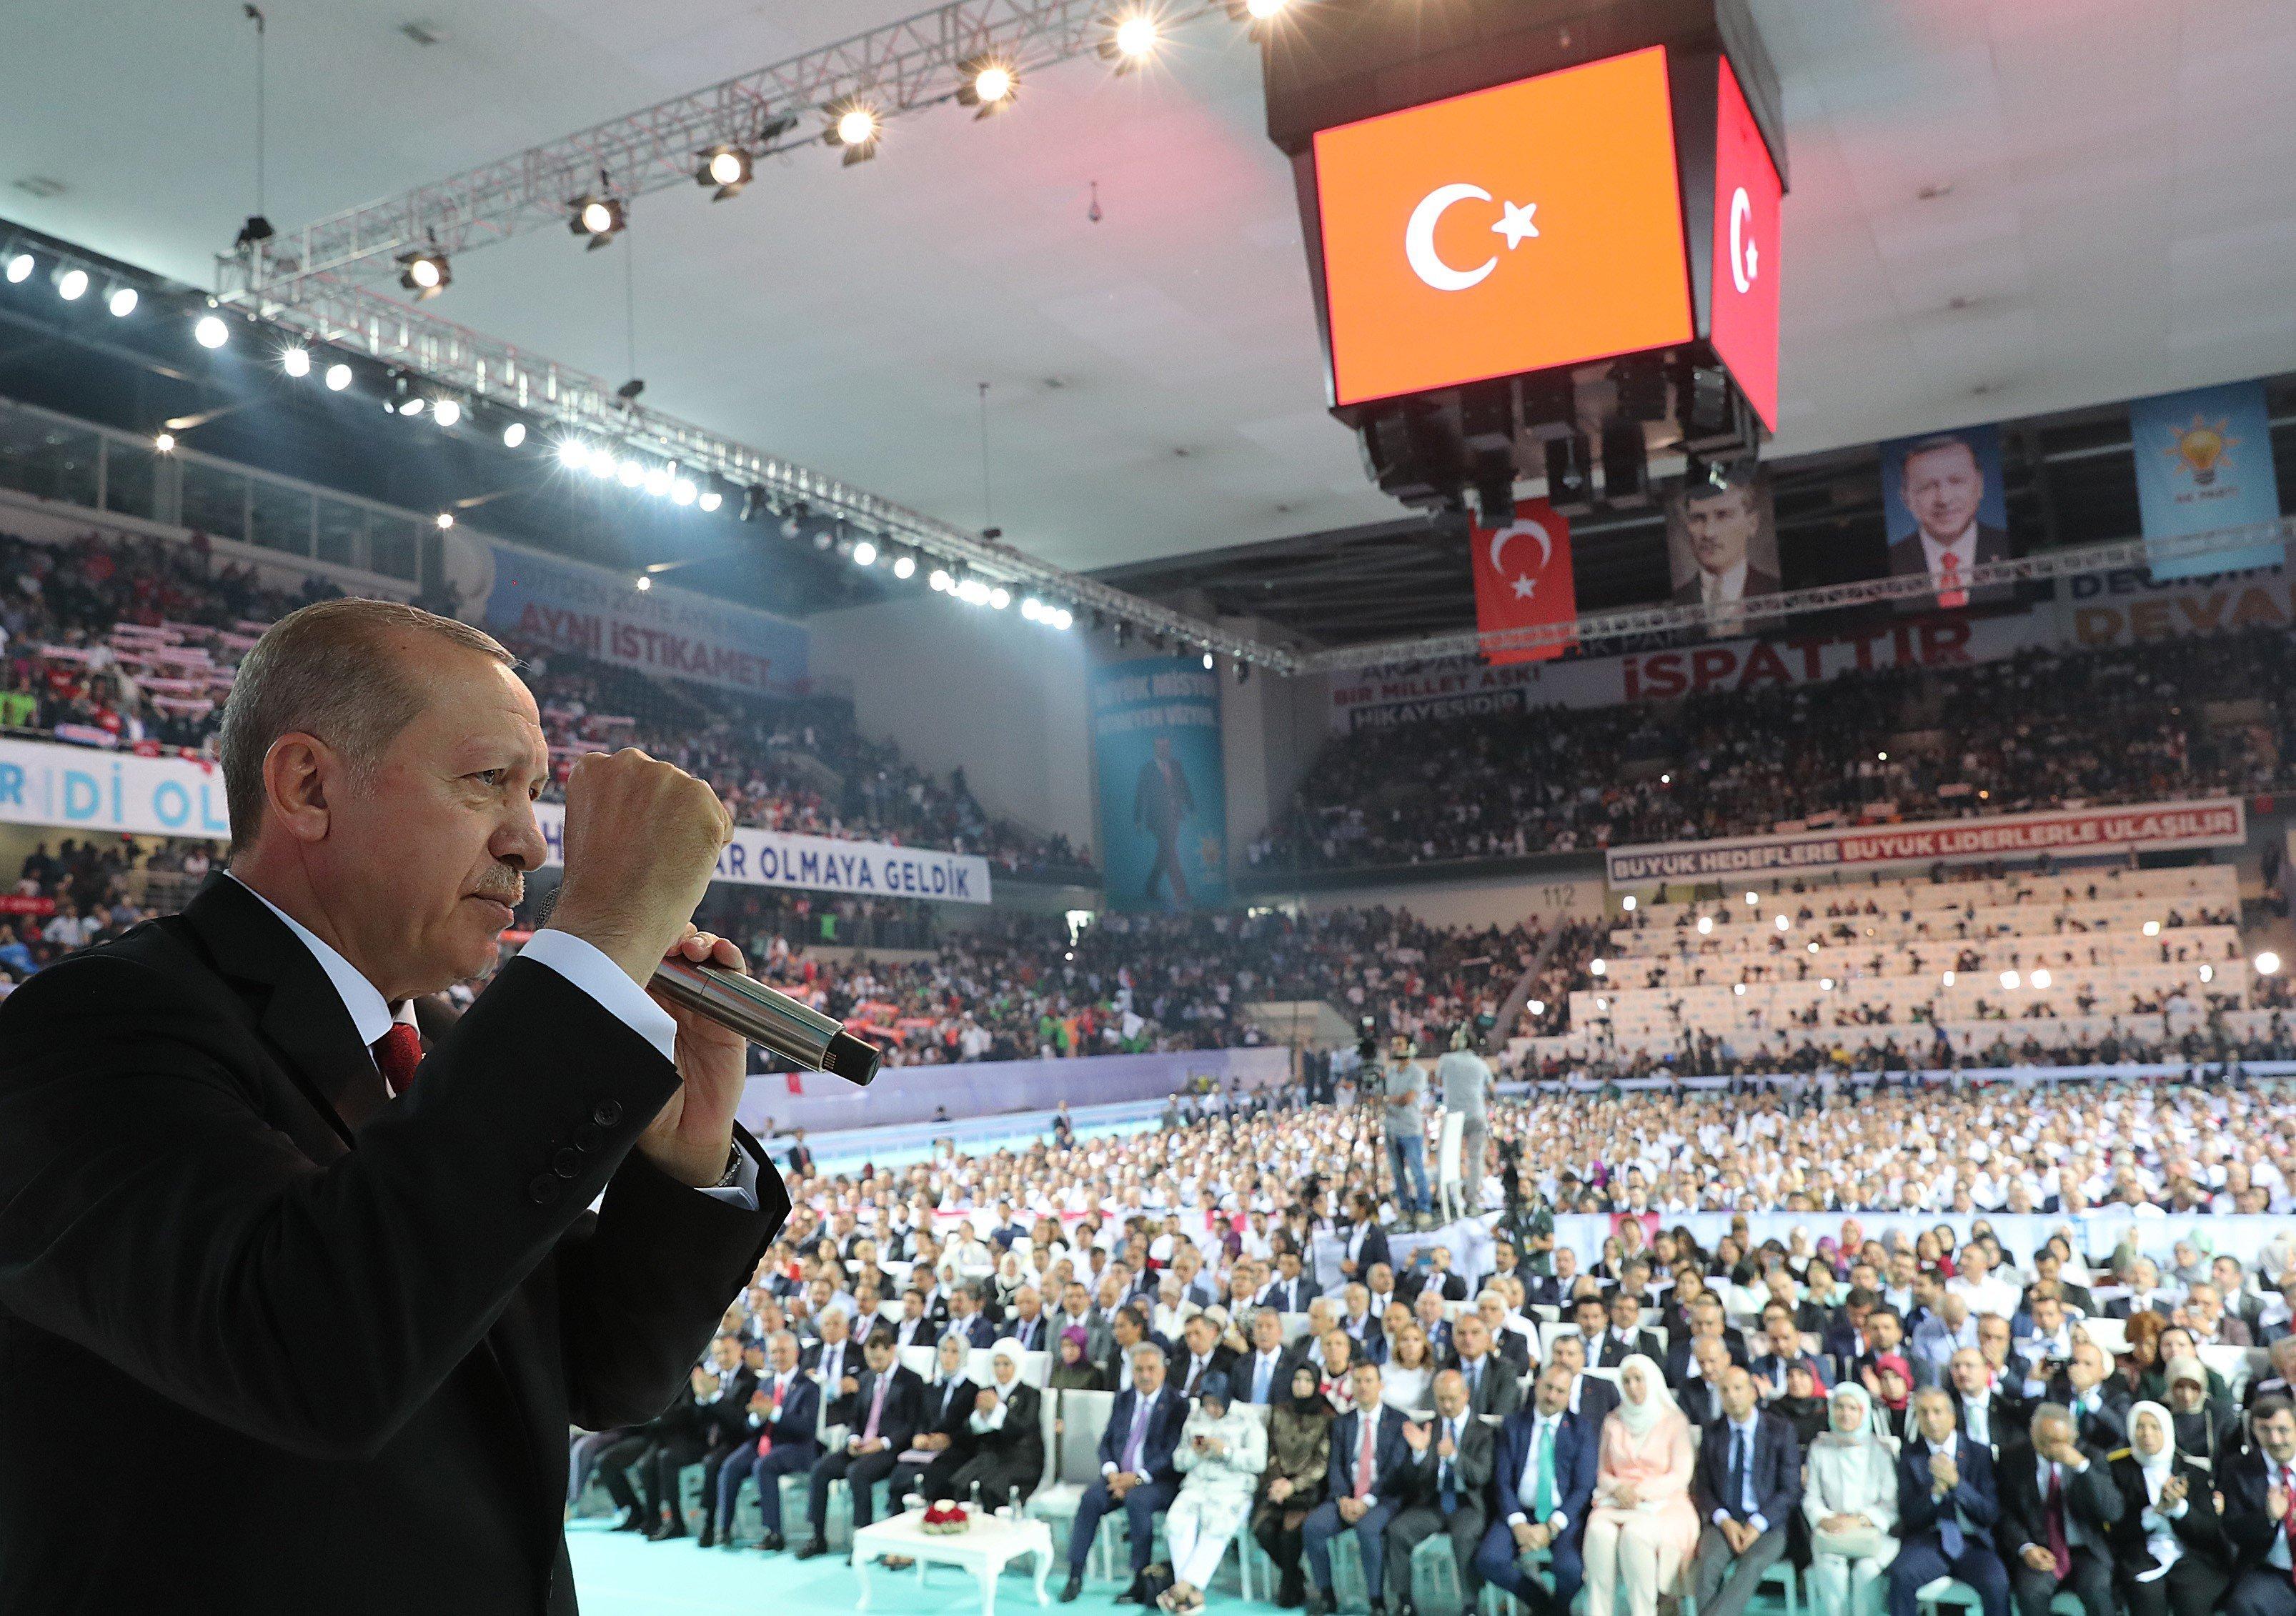 Ökonom: Erdogan kann die Welt in eine beispiellose politische Krise